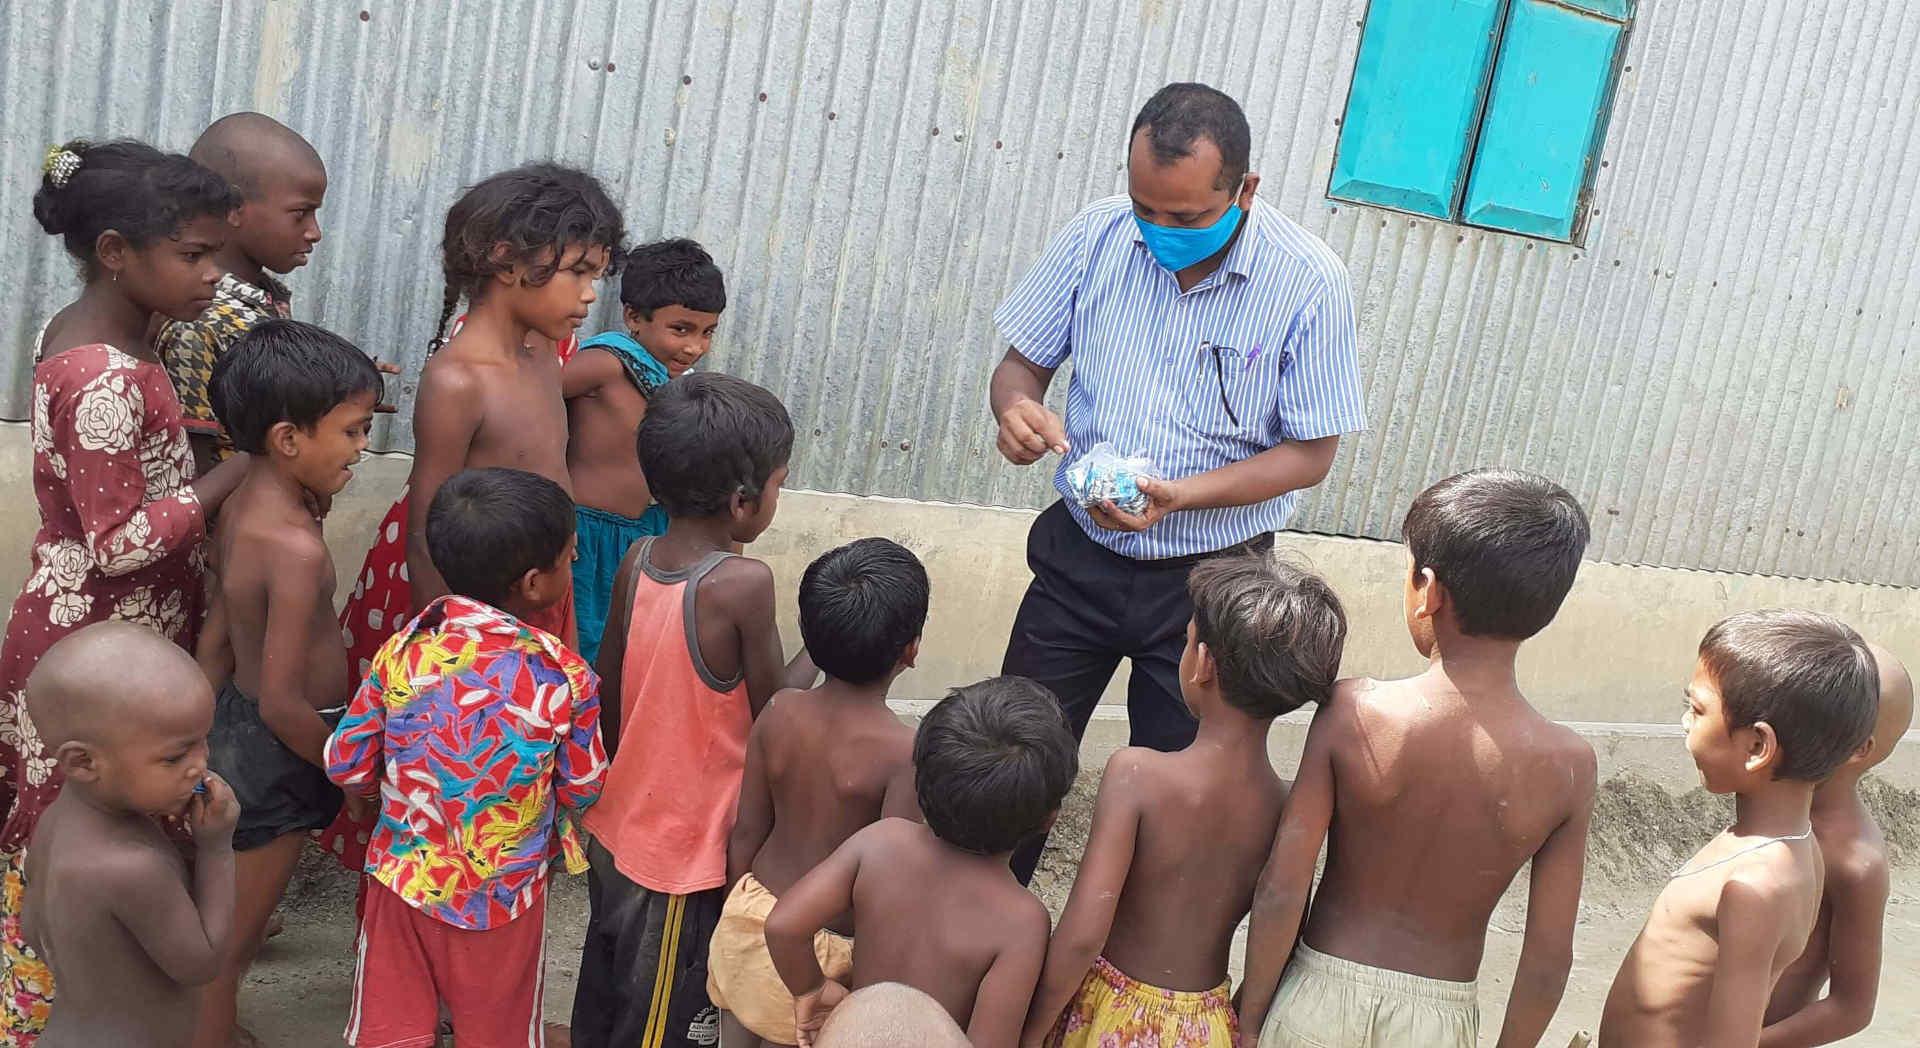 Naši partneři v IN Bangladéš pomáhají chudým dětem bez ohledu na vyznání.